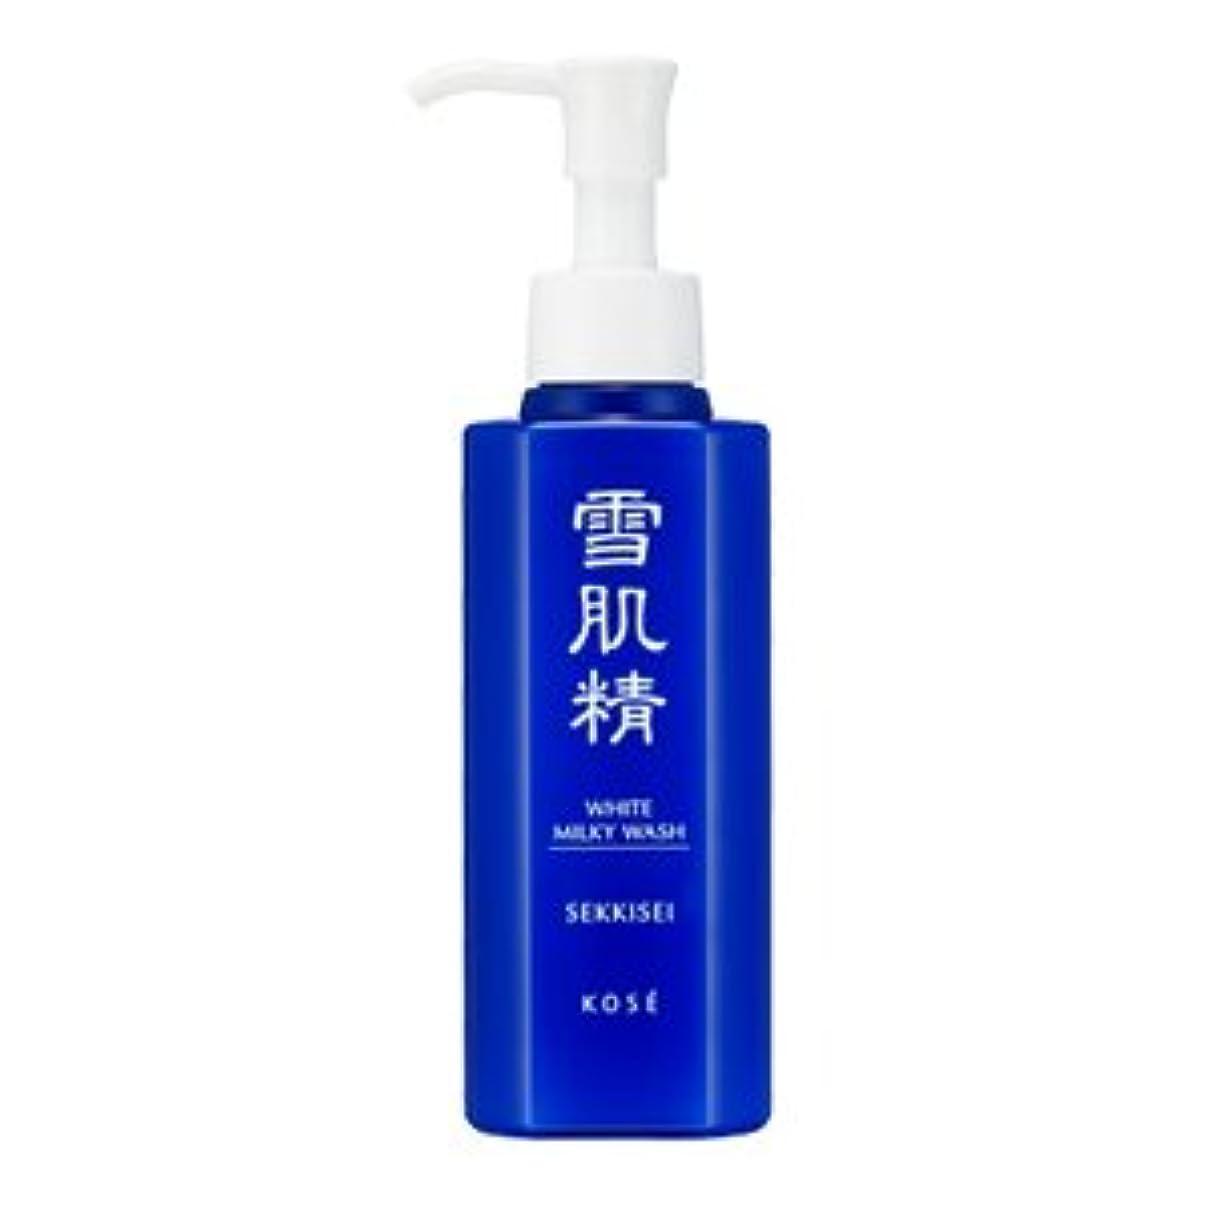 【コーセー 洗顔】 コーセー 雪肌精 ホワイトミルキィウォッシュ